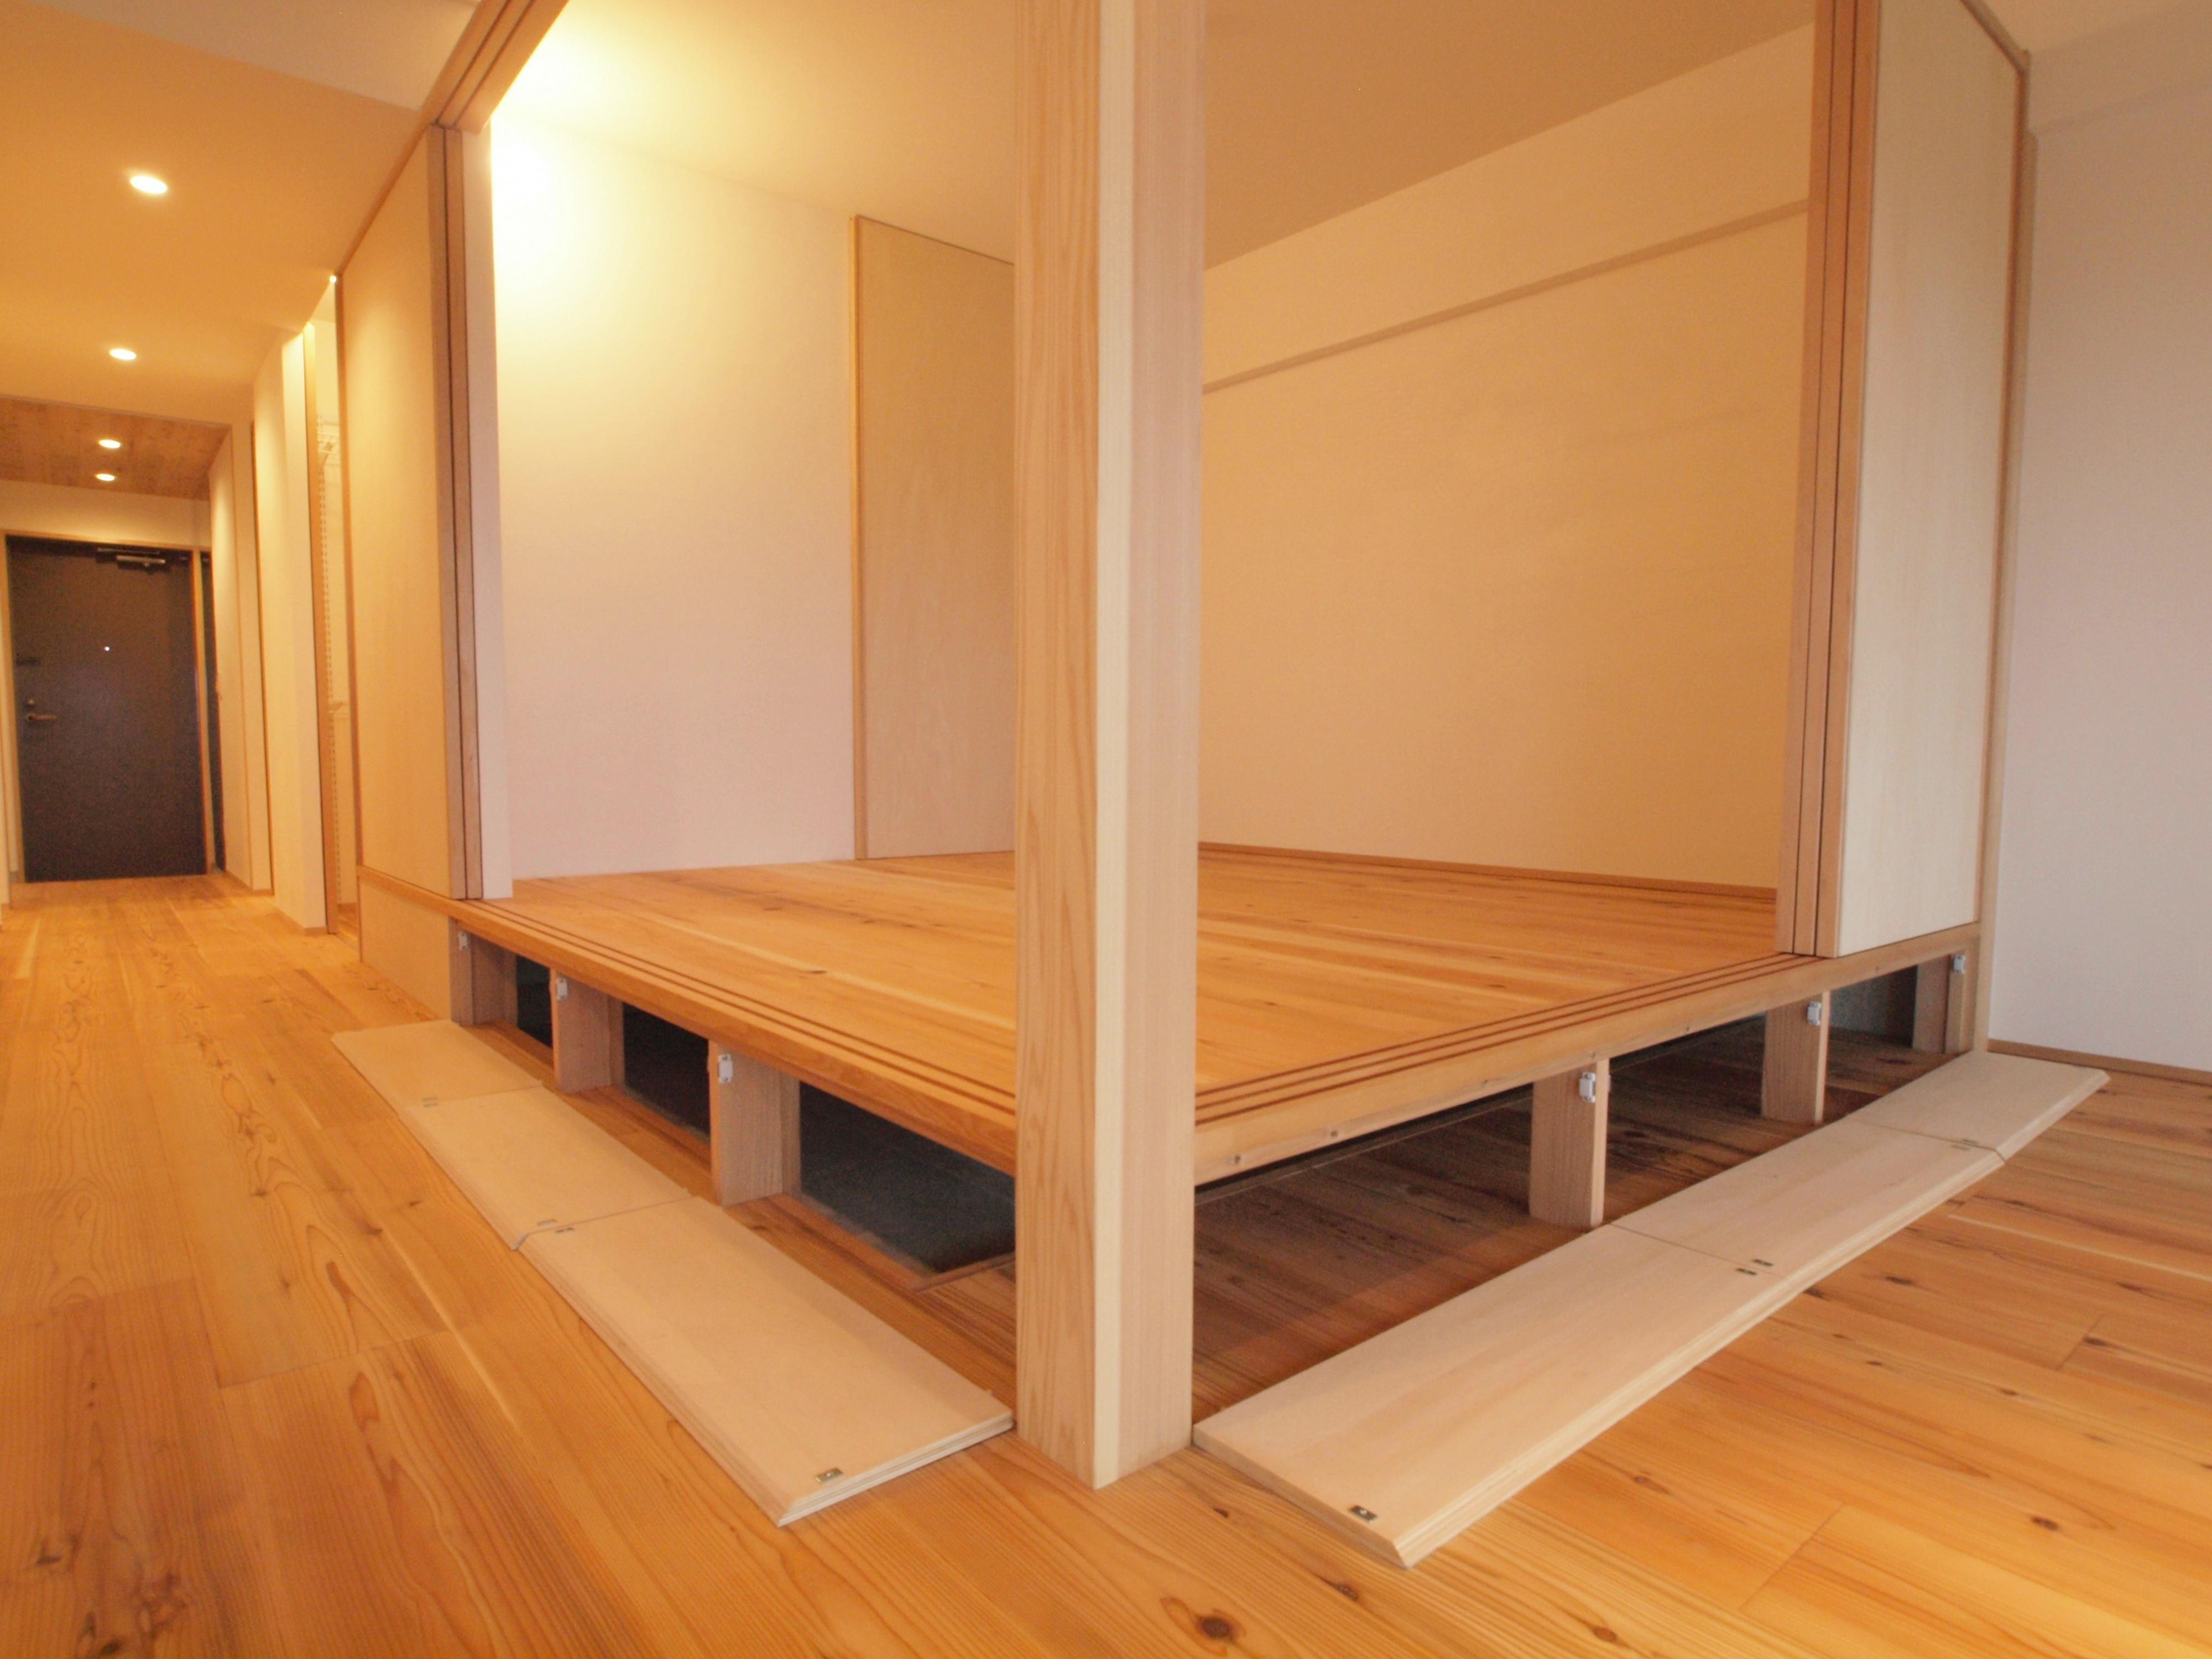 小上がりの床下は大容量の床下収納 Br Br 小上がりの段差は